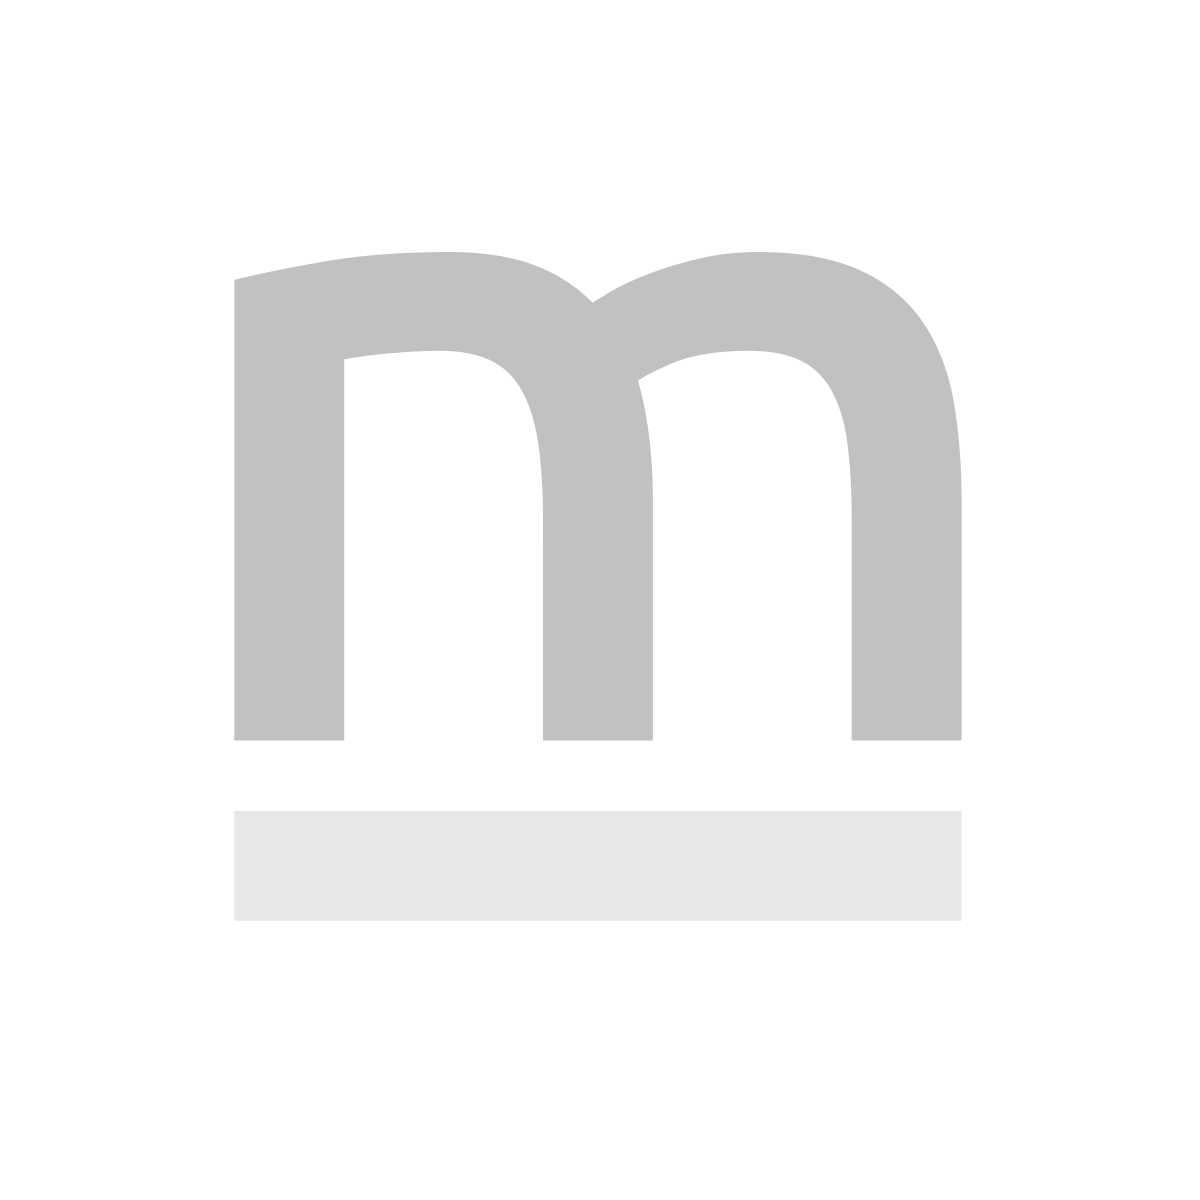 Łóżko LIGHT 3D 160x70 żółte samochód